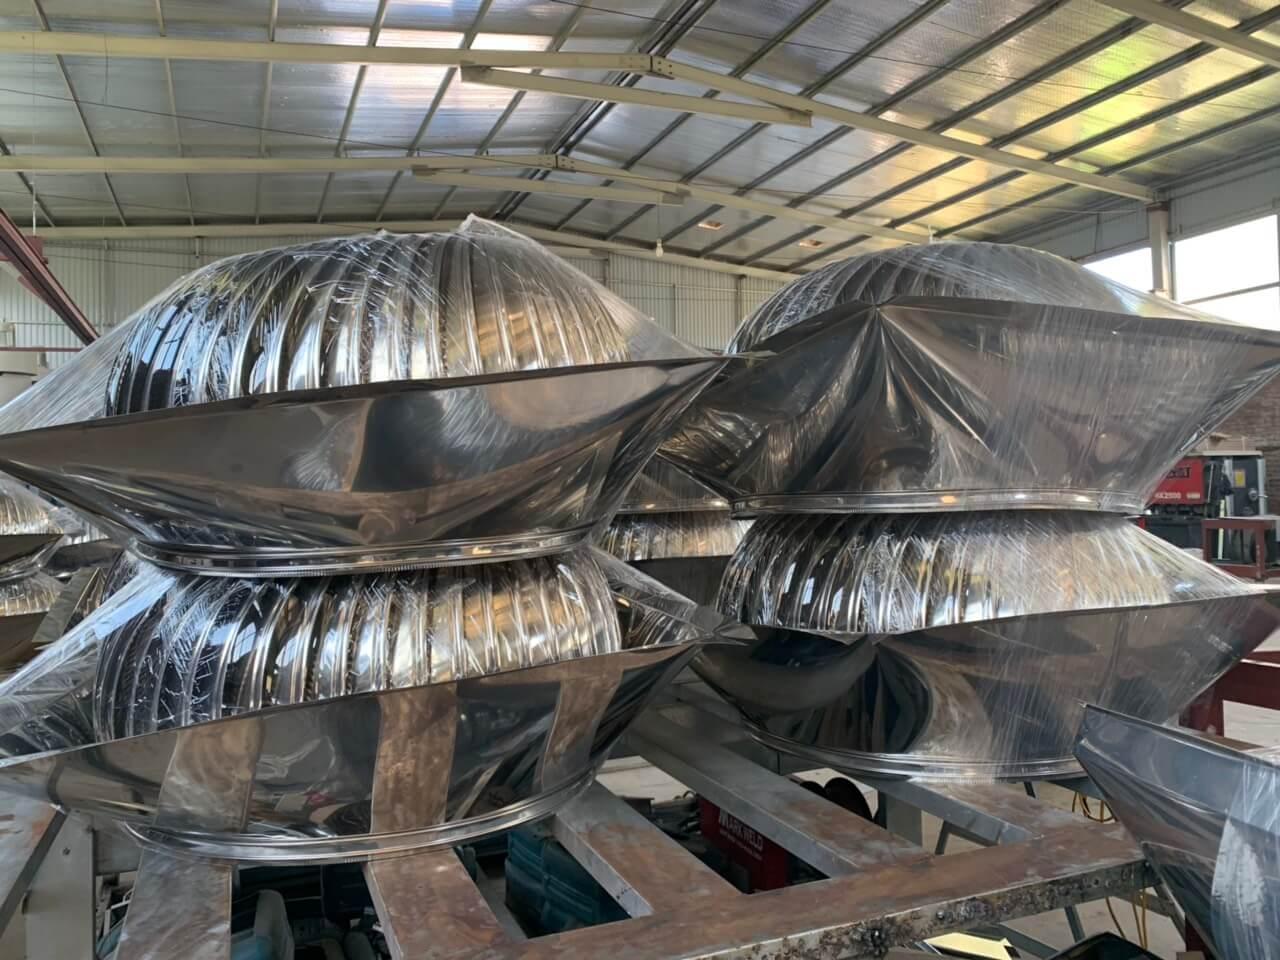 Sơn Việt chuyên cung cấp quả cầu thông gió giá rẻ, chất lượng